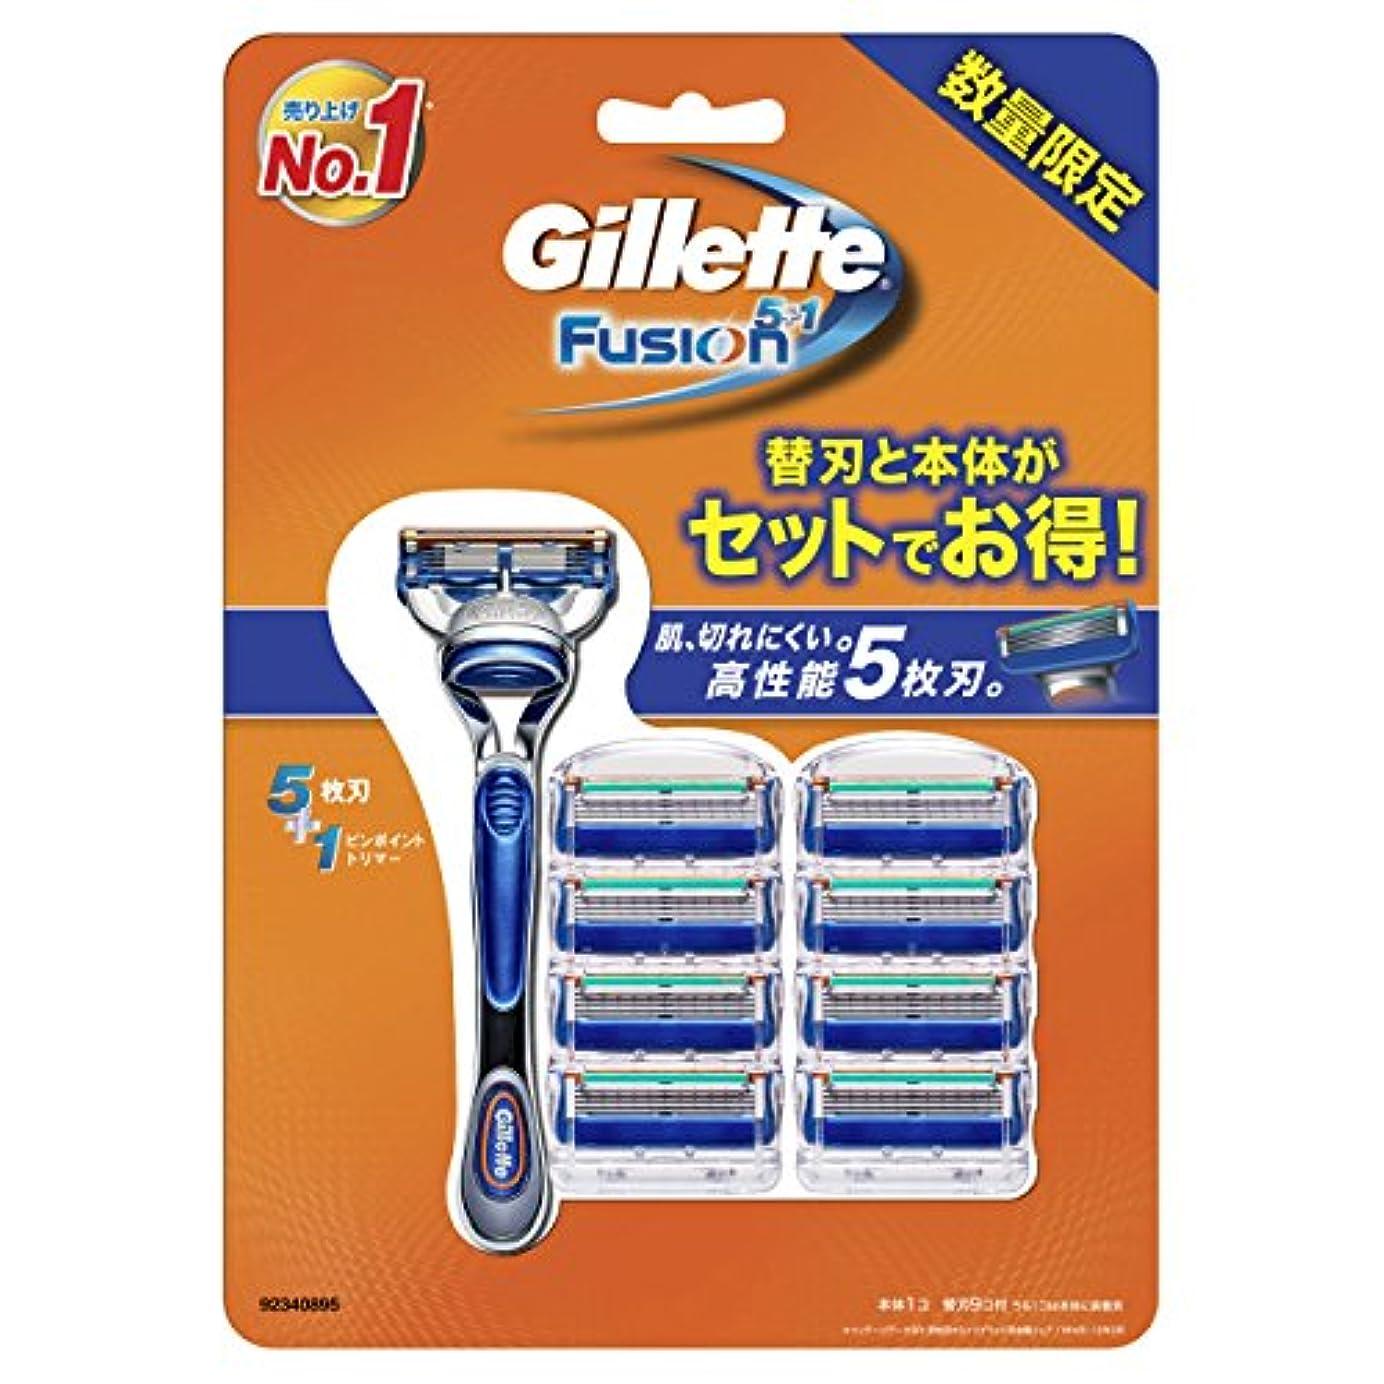 良い素晴らしき処分したジレット フュージョン5+1 マニュアル 髭剃り 本体+替刃 9個付